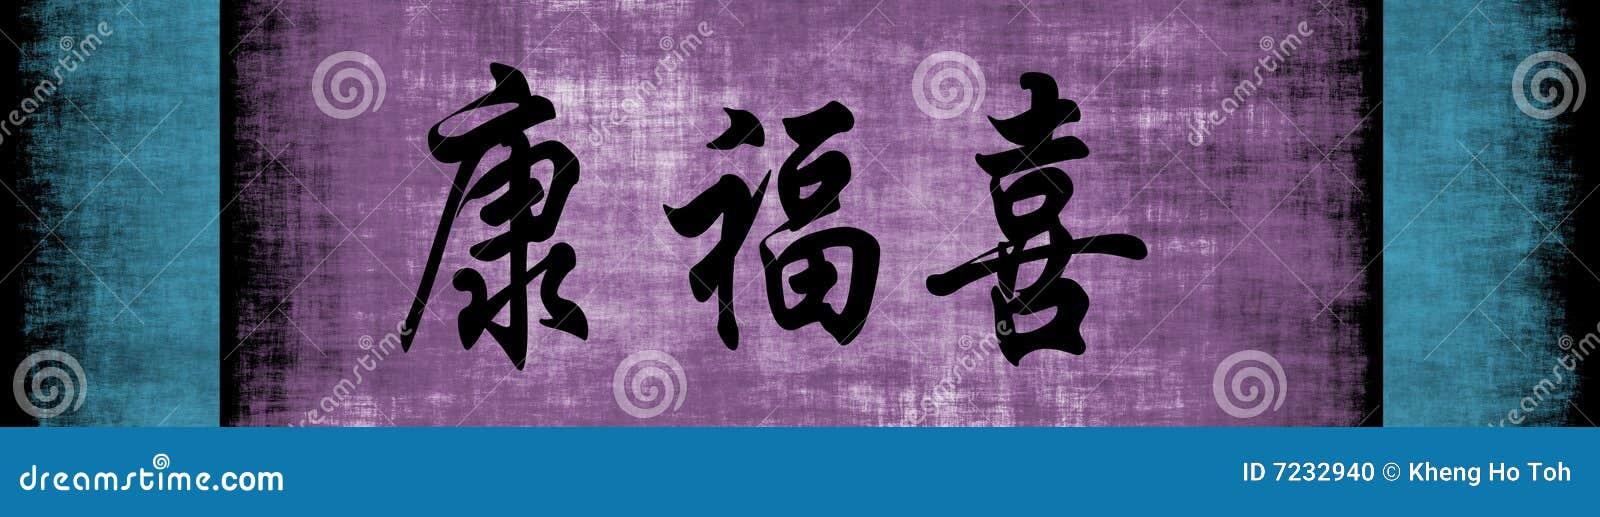 De Chinese Uitdrukking van het Geluk van de Rijkdom van de gezondheid